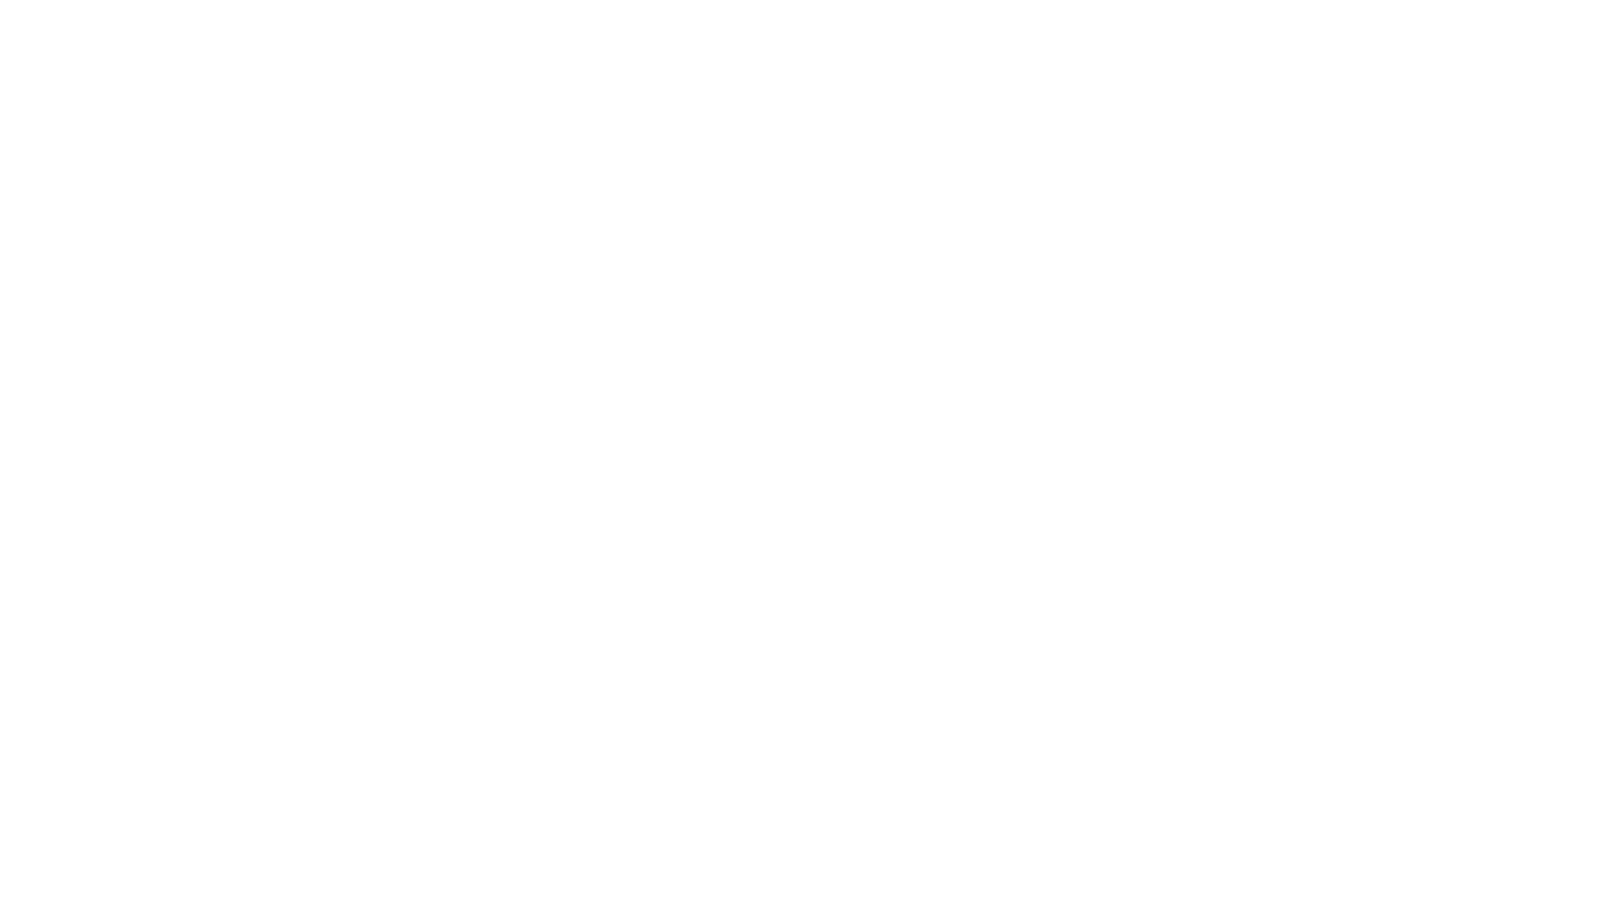 0:00 - Introdução 1:40 - Lotaria Genética e Social - dificuldades na Africa do Sul 11:00 - Tim Vieira DESTROI o capitalismo 24:20 - Rendimento Básico Universal será inevitável? 31:50 - Brave Generation Academy - A escola do futuro? 43:30 - Espiritualidade e Cristianismo 46:40 - O conceito de Verdade Metafórica (Metaphorical Truth).  Despolariza BLOG: https://www.despolariza.pt INSTA: https://www.instagram.com/despolariza FB: https://www.facebook.com/despolariza TWITTER: https://twitter.com/despolarizapt  Tomás Magalhães INSTA: https://www.instagram.com/despolariza FB: https://www.facebook.com/despolariza TWITTER: https://twitter.com/tomasmagal